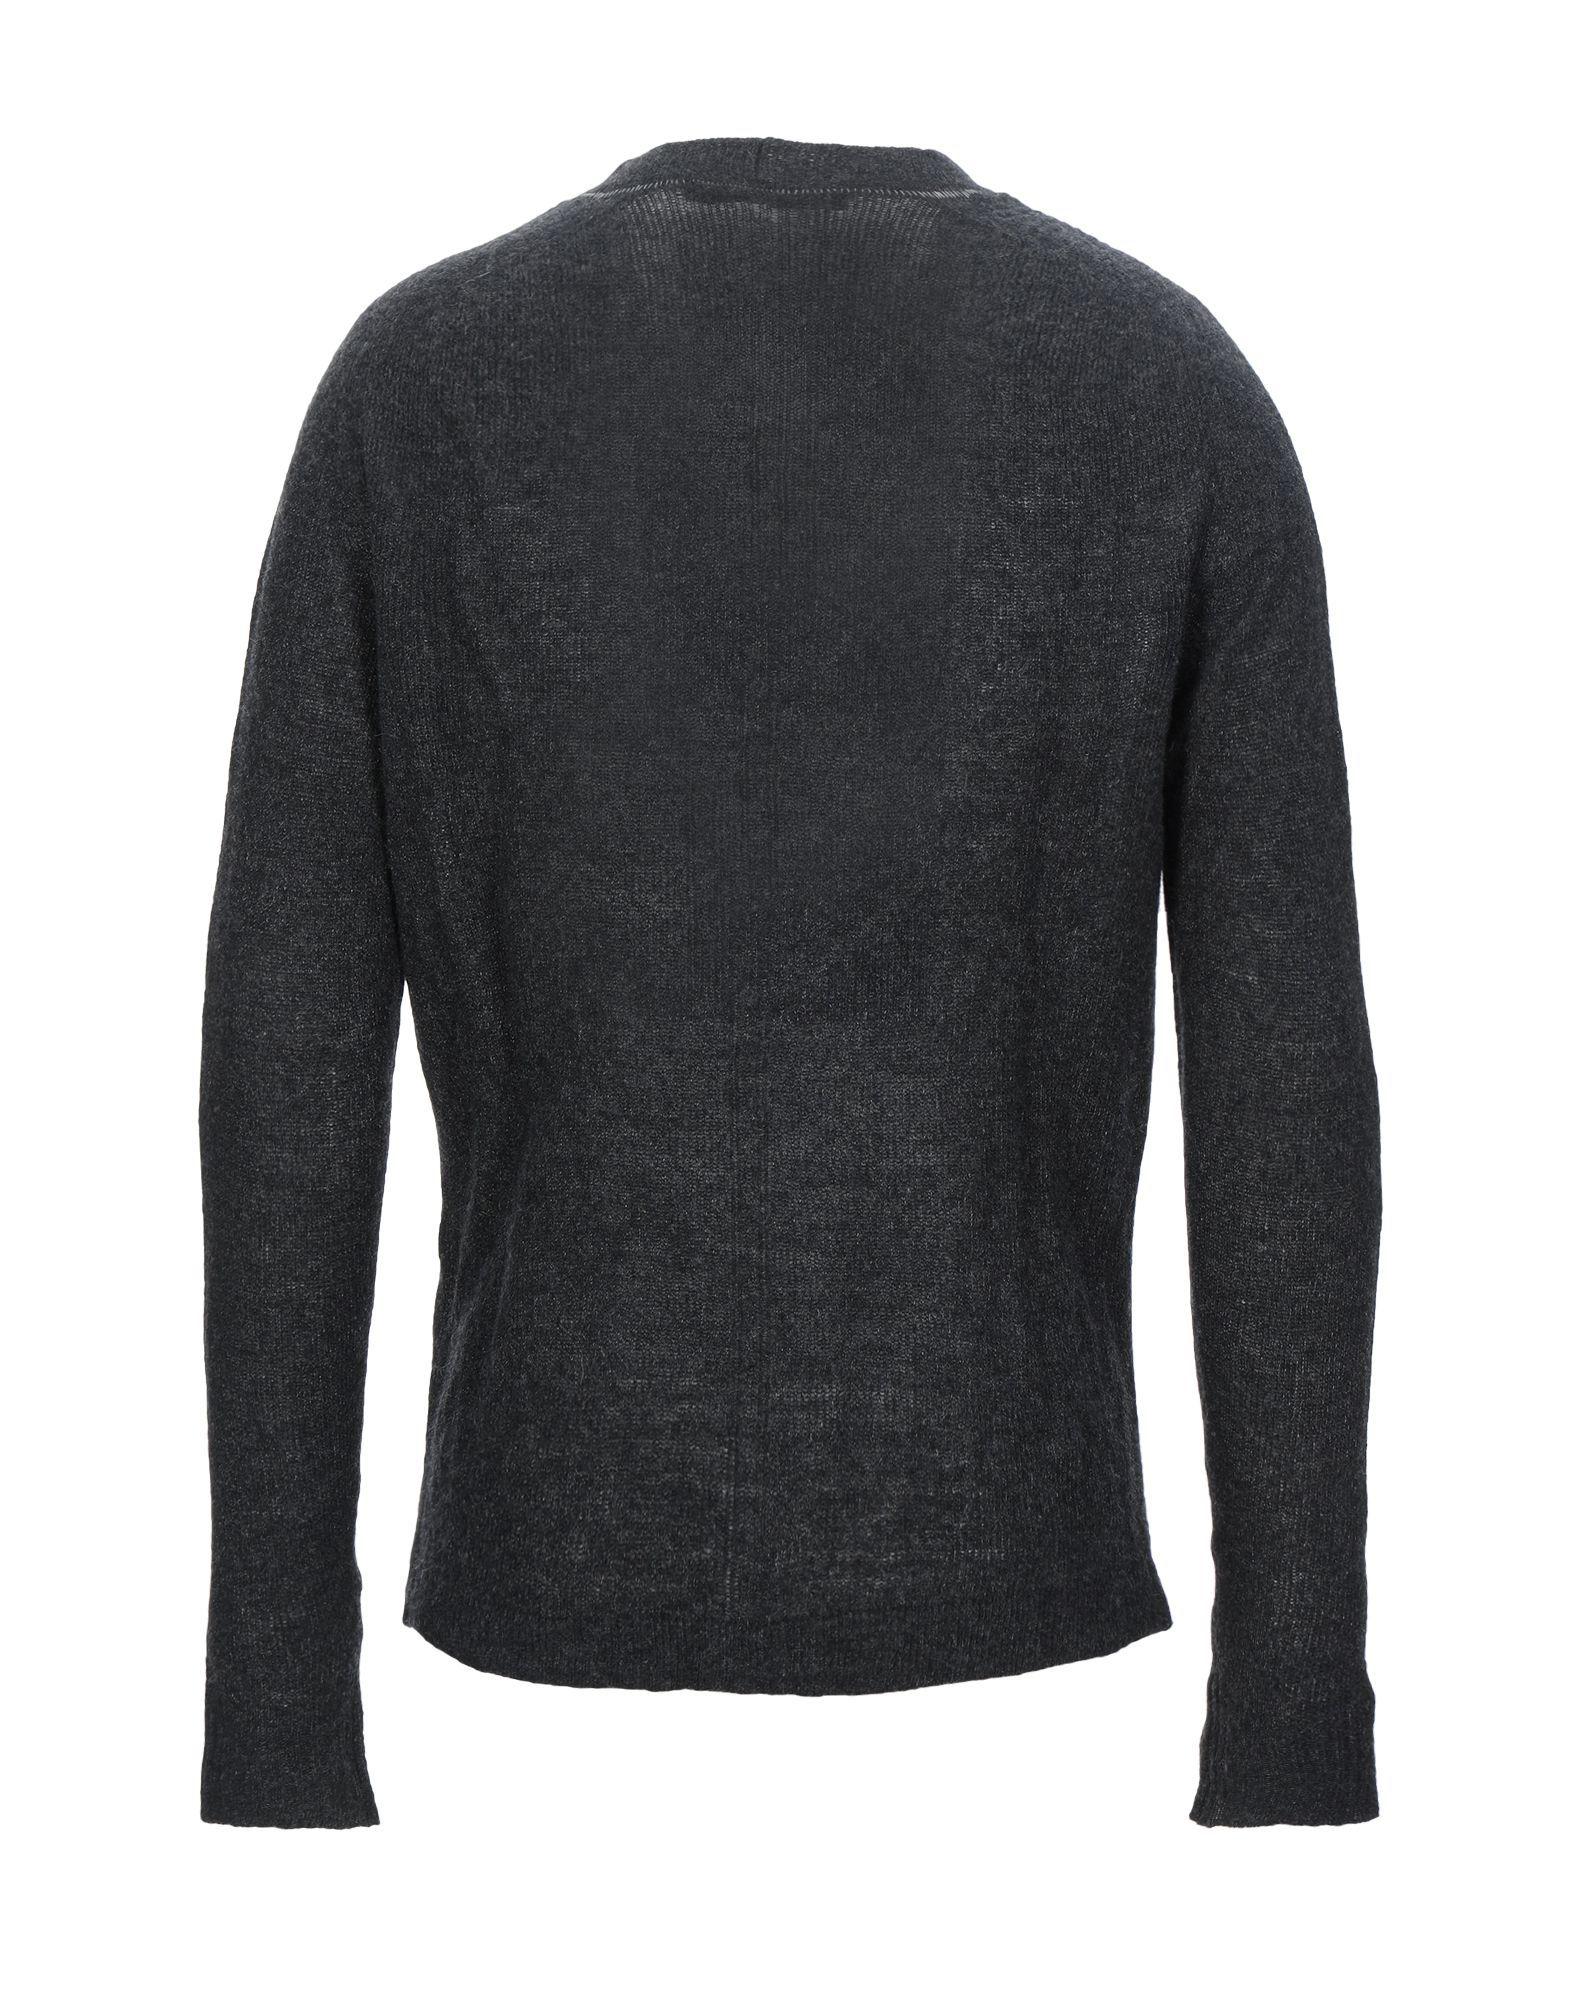 KNITWEAR Messagerie Steel grey Man Wool